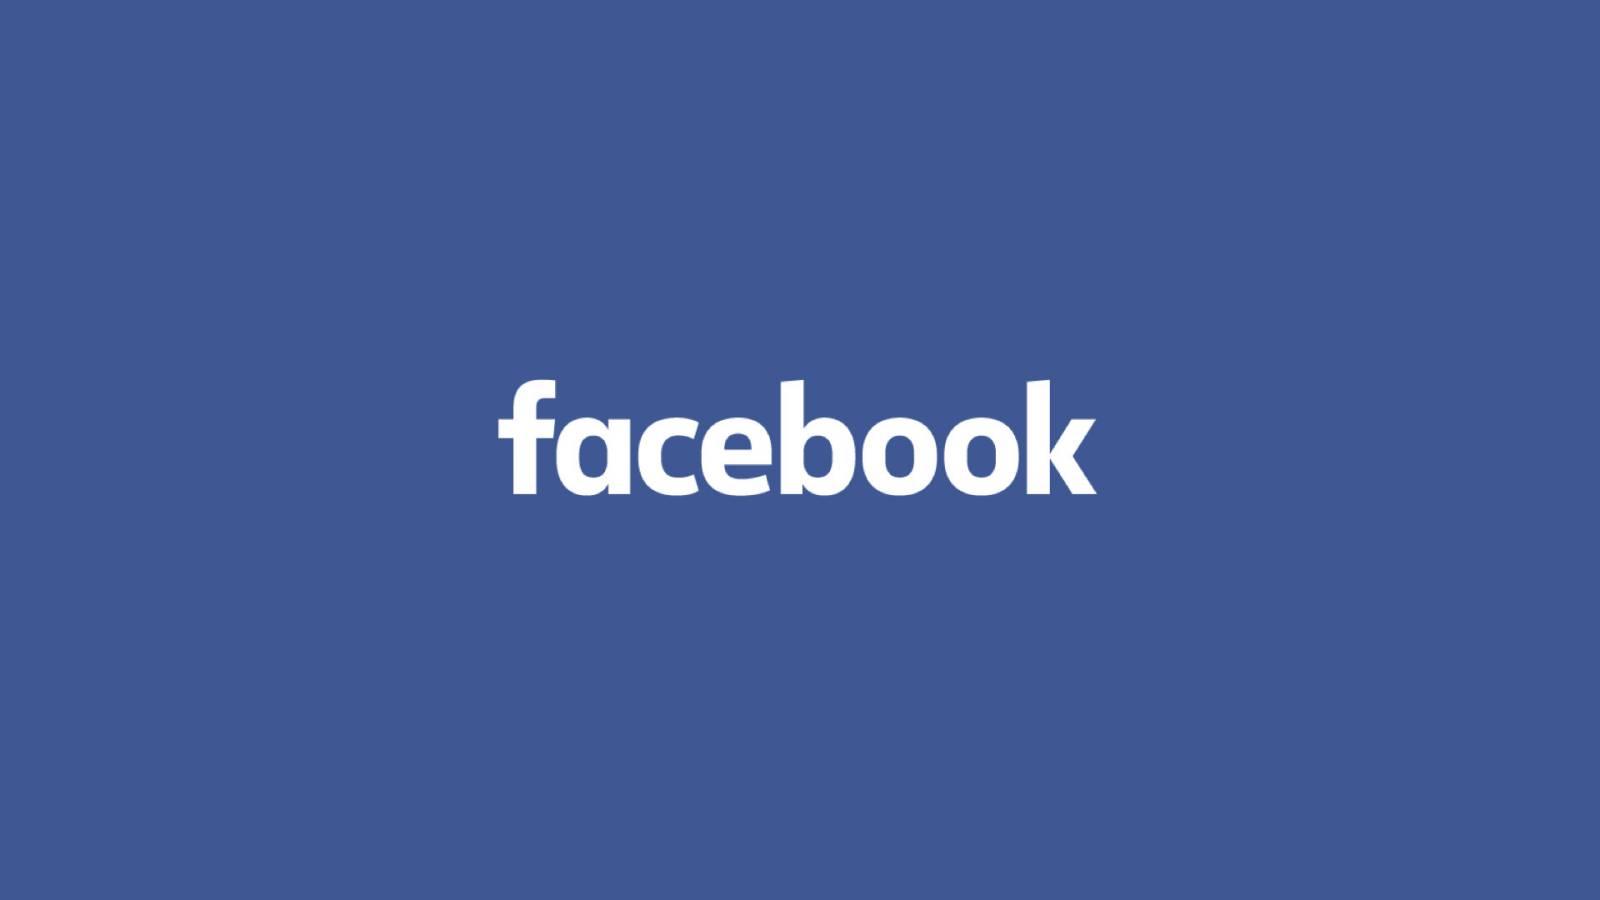 Facebook Aplicatia pentru Telefoane si Tablete fost Actualizata